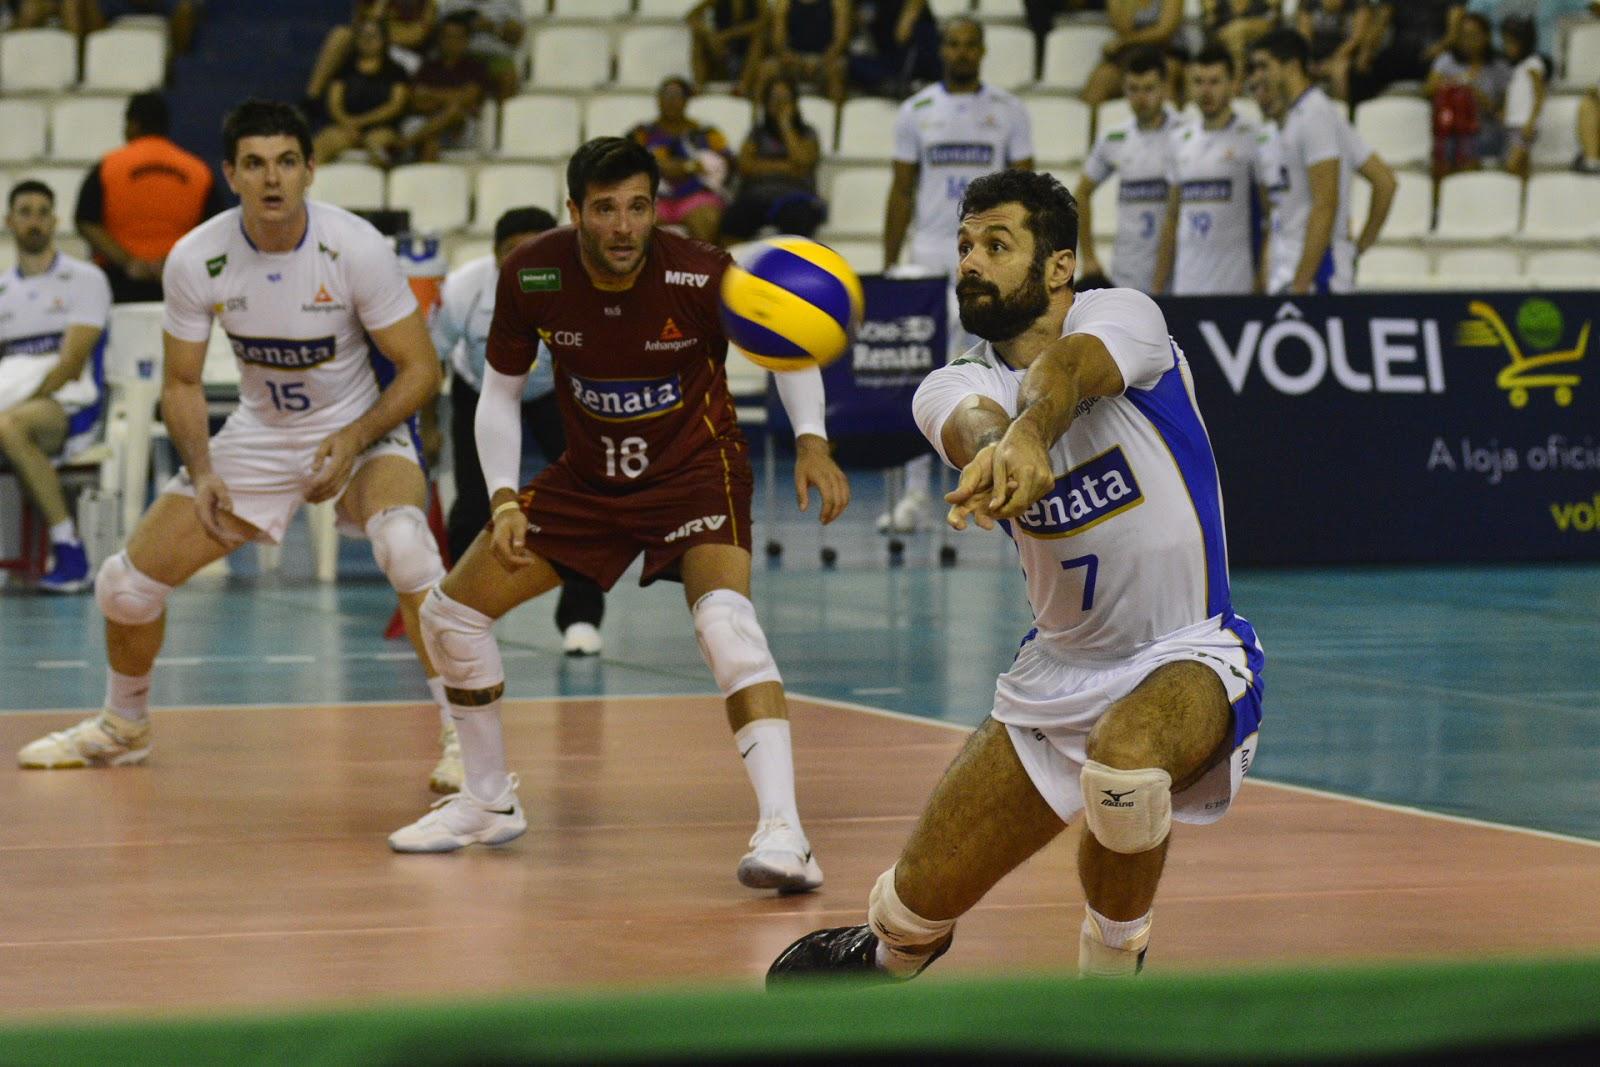 338582a3ac Manaus AM - O primeiro jogo da Superliga Masculina de Vôlei em Manaus AM  foi pura emoção na noite deste sábado (02 12)